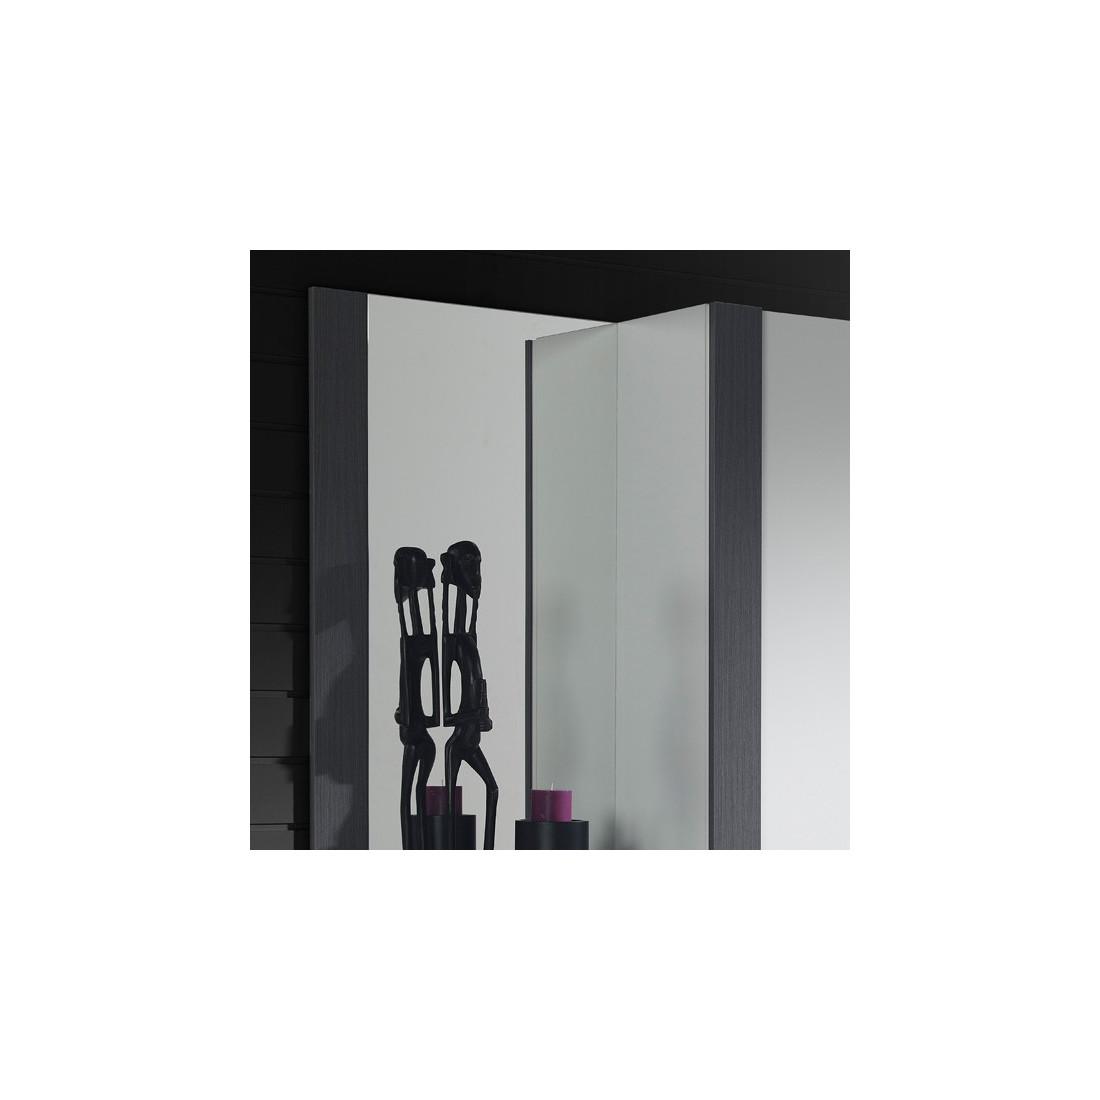 meuble d 39 entr e armoire miroir blanc cendre paoula. Black Bedroom Furniture Sets. Home Design Ideas